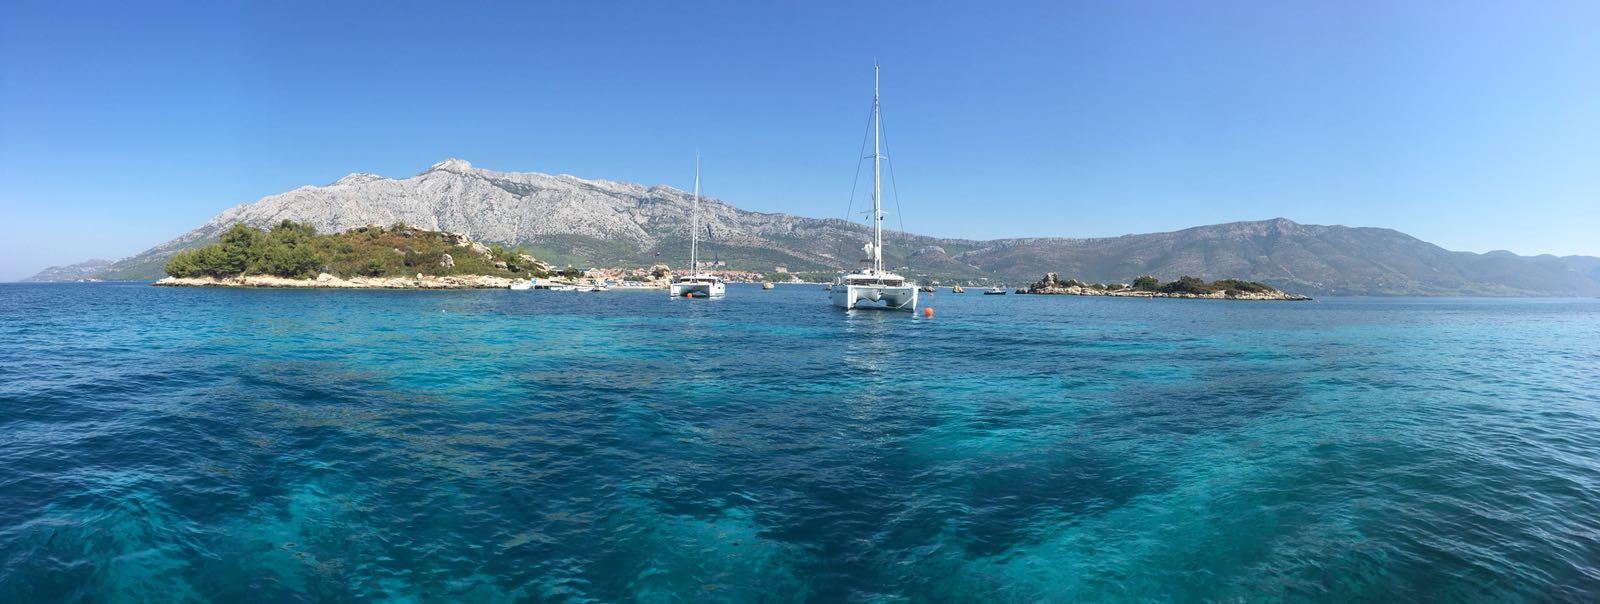 Segel Katmarane in Kroatien auf Festmachebojen vor Insel Korcula